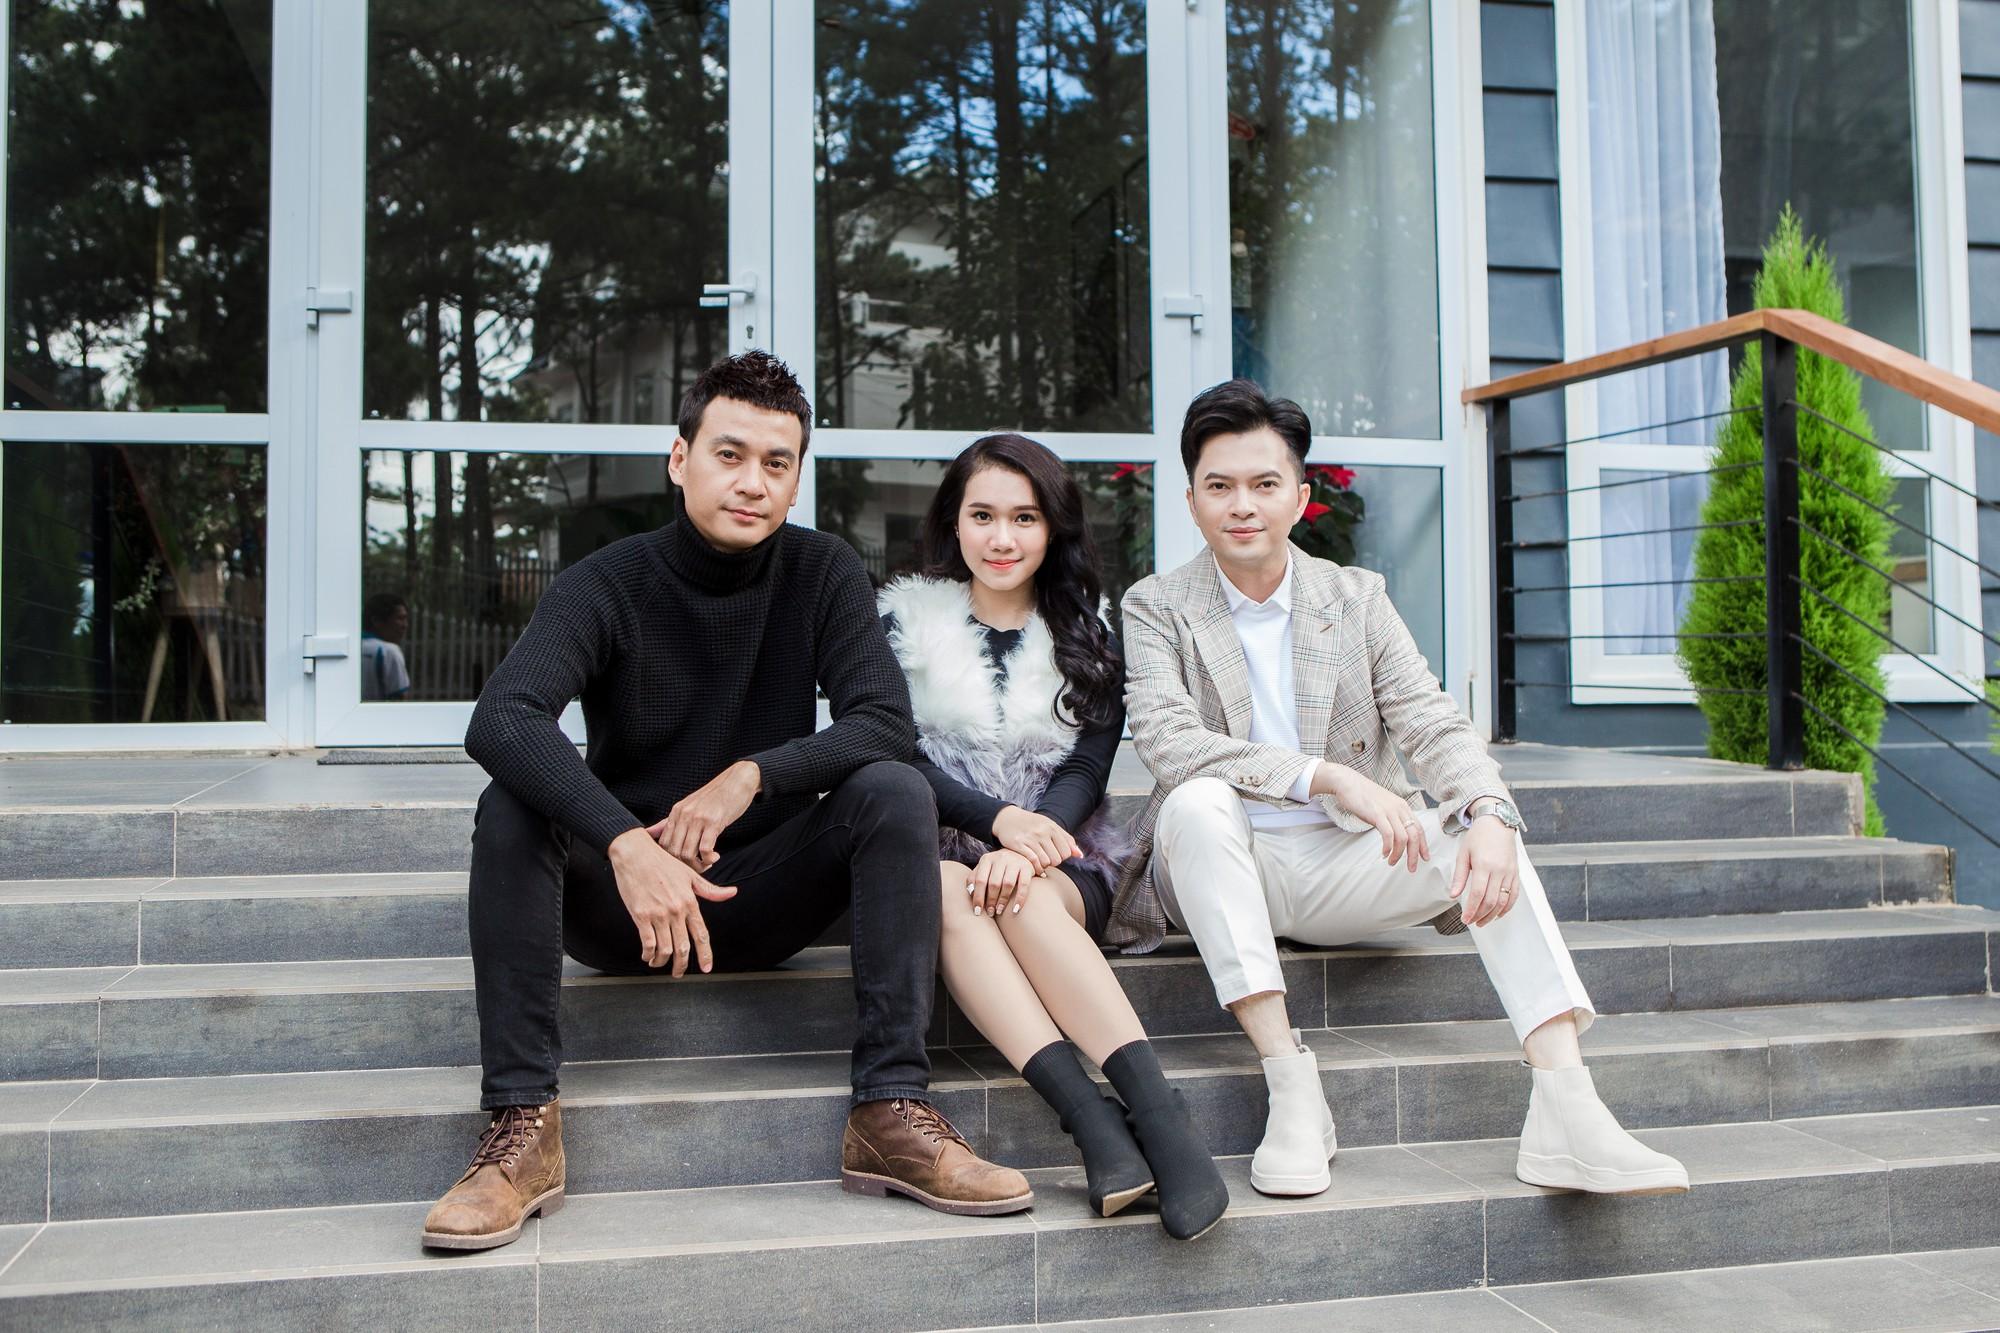 Nam Cường kể chuyện tình tay ba với Mai Bảo Ngọc và Ngọc Thuận - Ảnh 4.